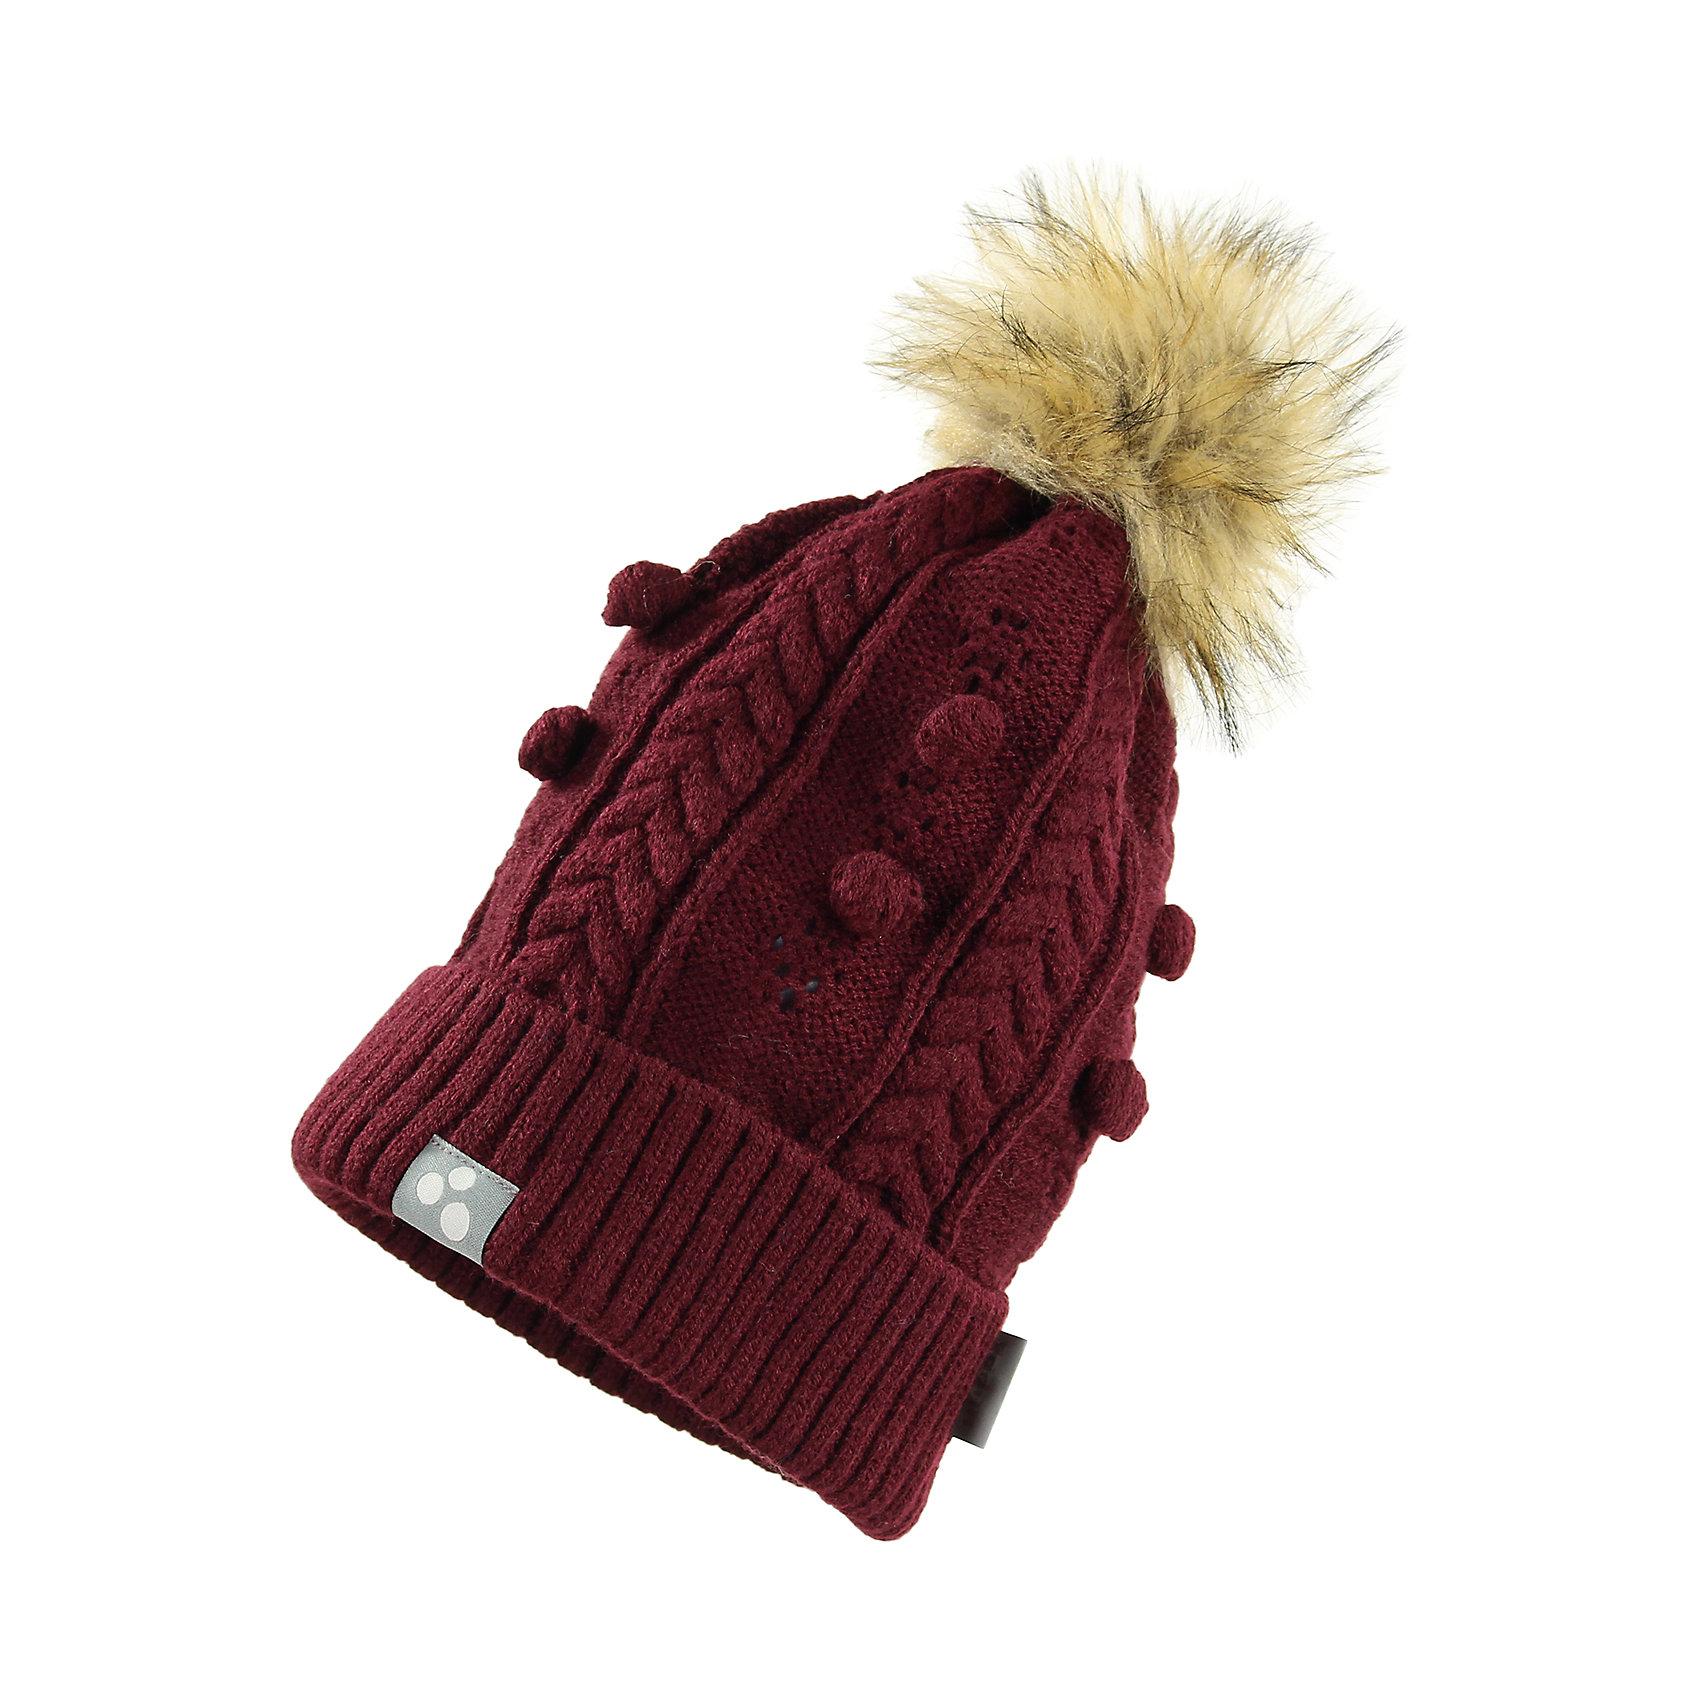 Шапка для девочки HuppaГоловные уборы<br>Милая зимняя вязаная шапка для девочек. Для защиты от холодной погоды шапка связана двойной акриловой пряжей, а вязанный резинкой край завернут. Для украшения на шапке имеется красивый узор и симпатичный меховой помпон, привлекающий внимание. Шапка хорошо сочетается с разной верхней одеждой для девочек.<br><br>Шапку для девочки Huppa (Хуппа) можно купить в нашем магазине.<br><br>Ширина мм: 89<br>Глубина мм: 117<br>Высота мм: 44<br>Вес г: 155<br>Цвет: бордовый<br>Возраст от месяцев: 144<br>Возраст до месяцев: 168<br>Пол: Женский<br>Возраст: Детский<br>Размер: 57,55-57,51-53<br>SKU: 4242976